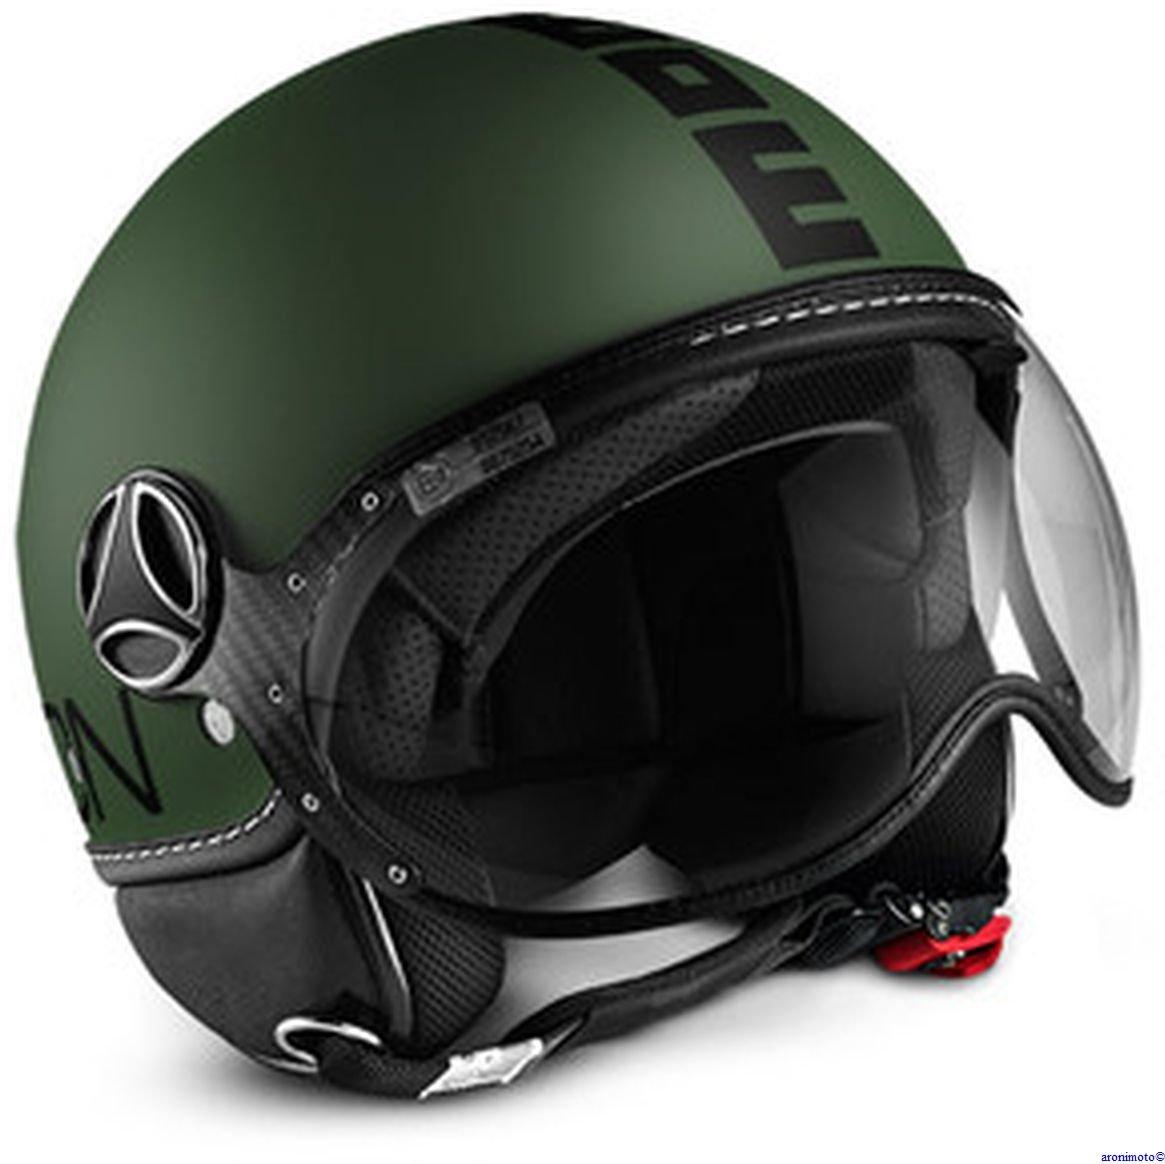 MOMO Design Casco CLASSIC Verde Militare Opaco Taglia M